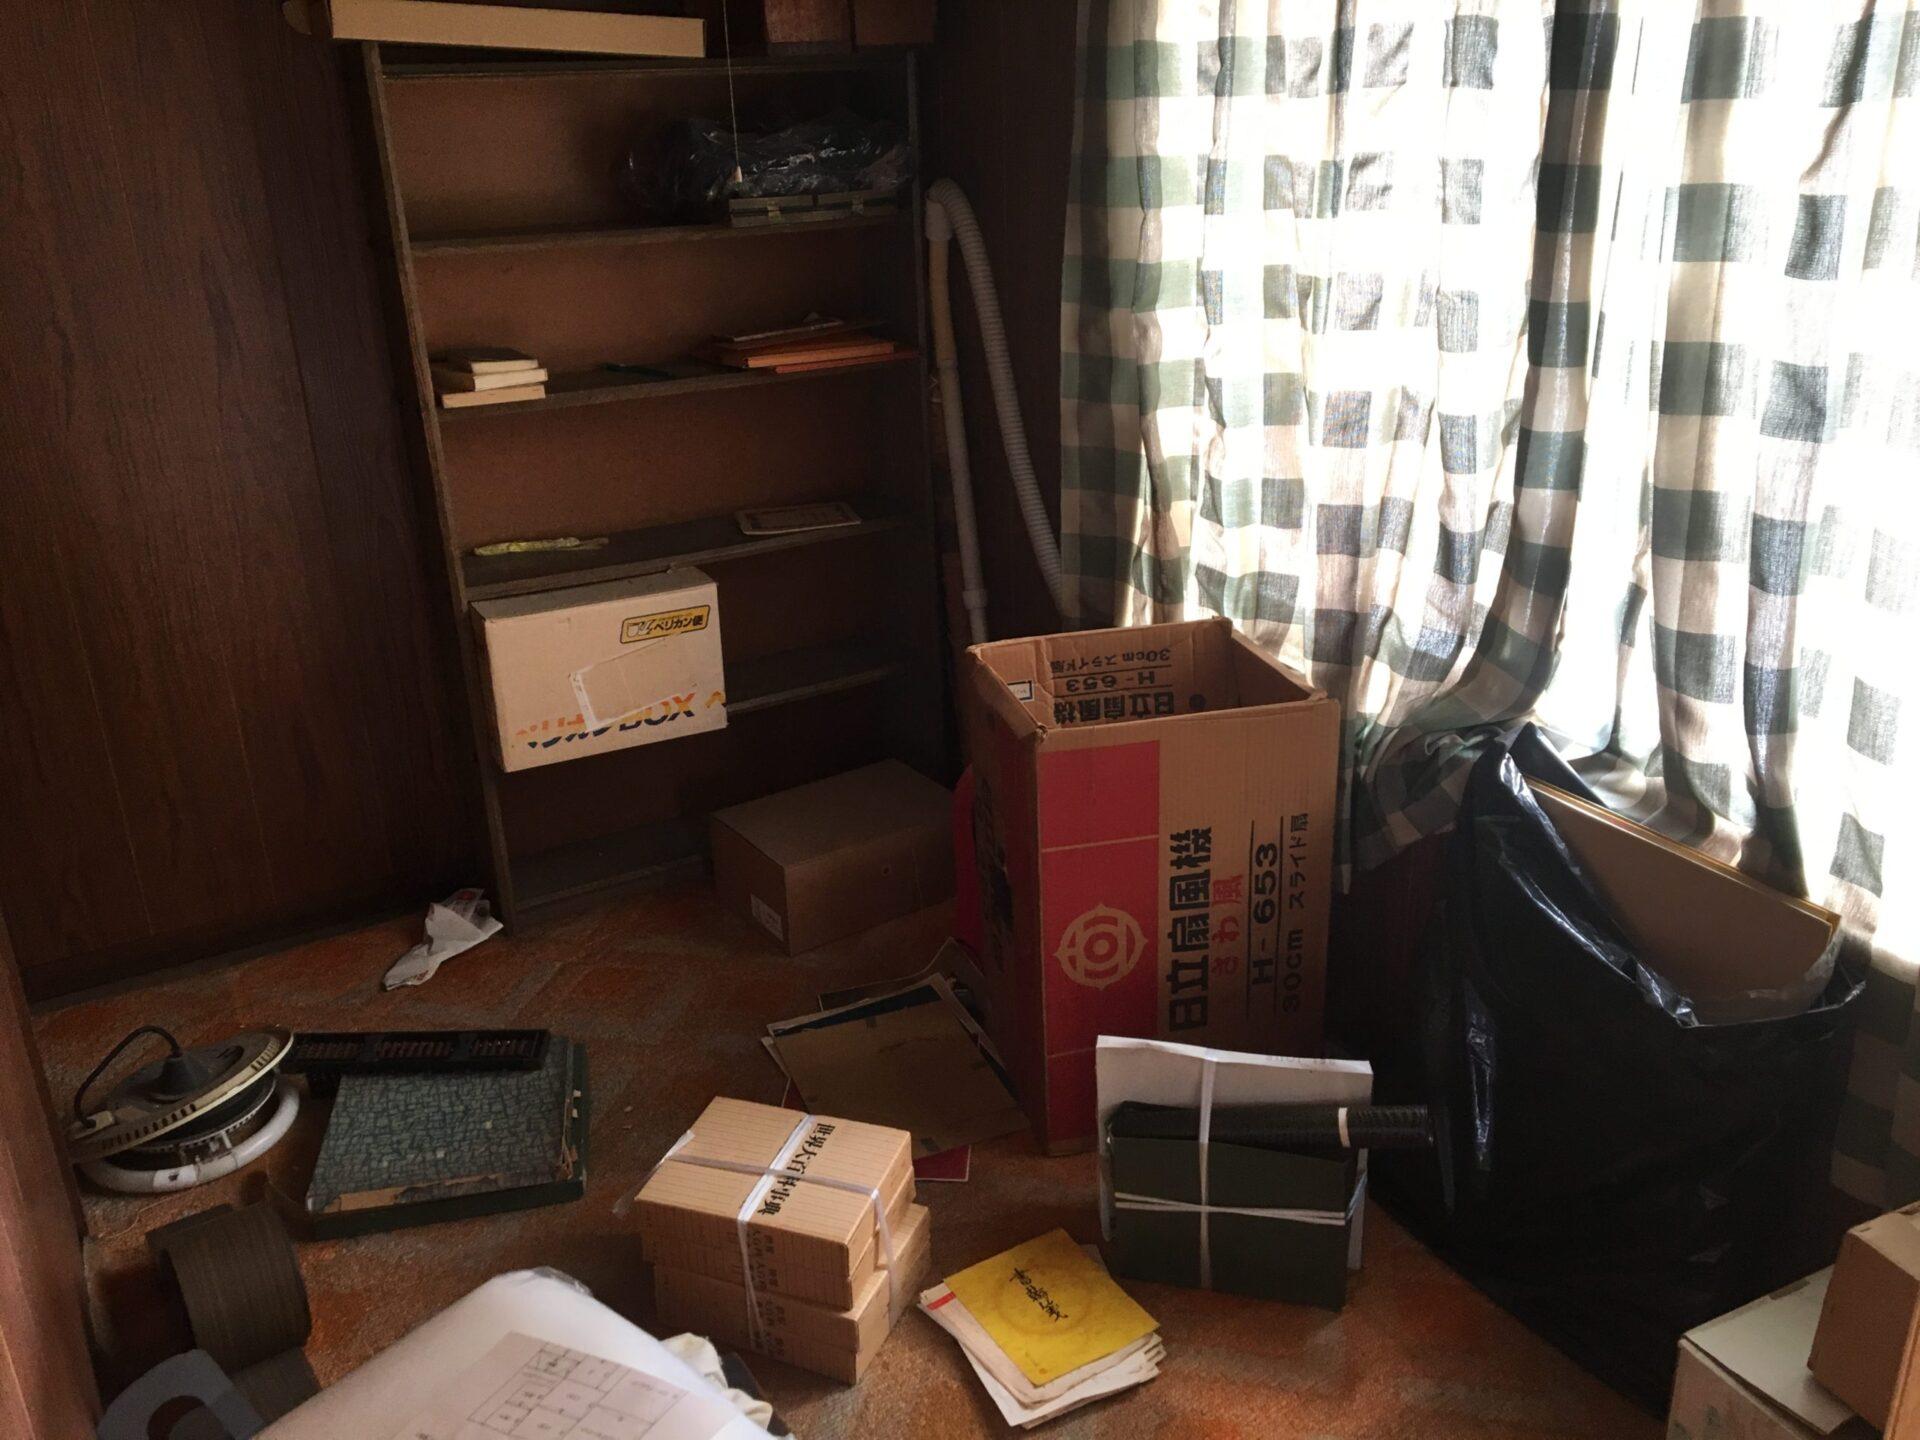 【愛知県豊田市】家屋解体前の不用品・粗大ゴミの丸ごと処分